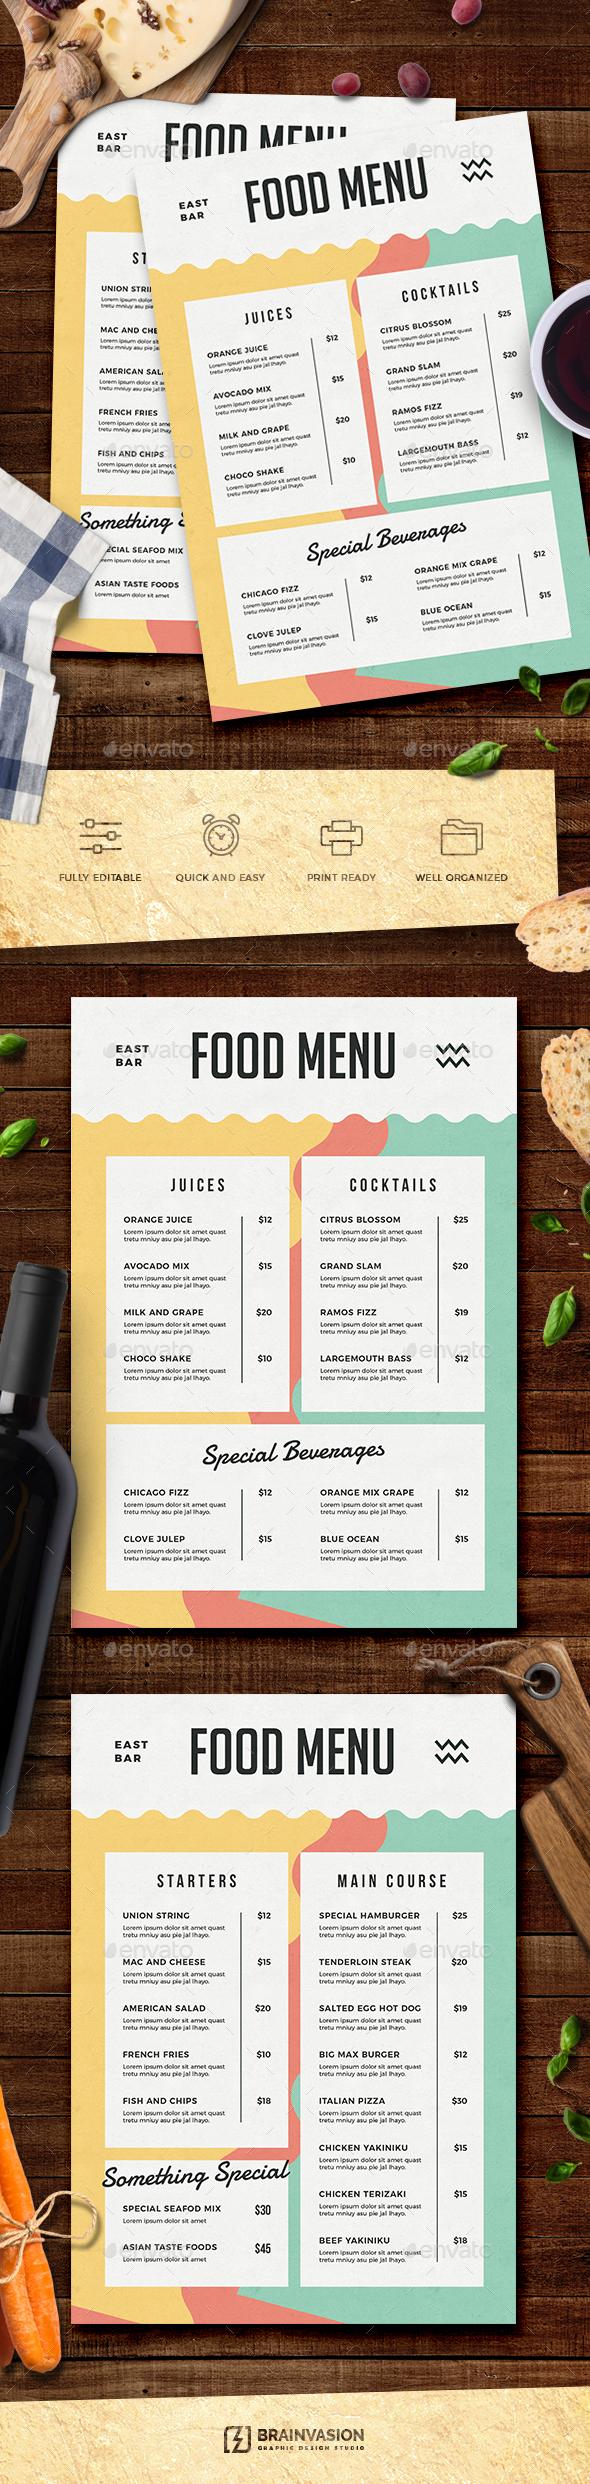 Food Menu Template - Food Menus Print Templates